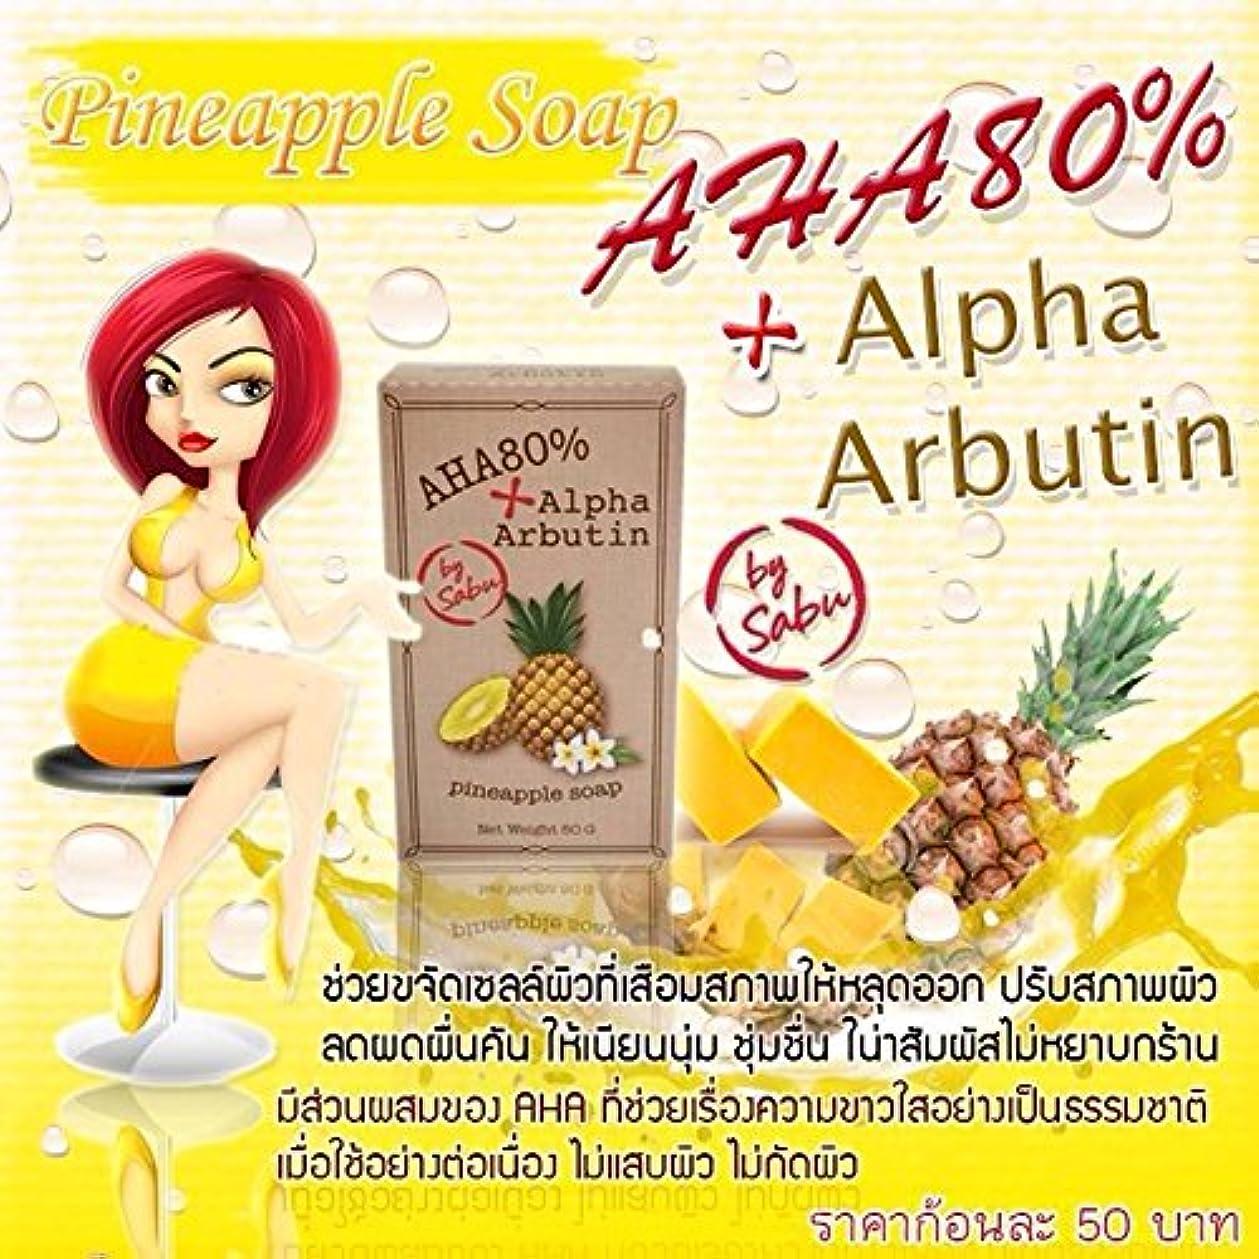 メドレー怒る異議1 X Natural Herbal Whitening Soap.Alpha-Arbutin Pineapple AHA 80%. The skin whitening process is rapid. 80 g....